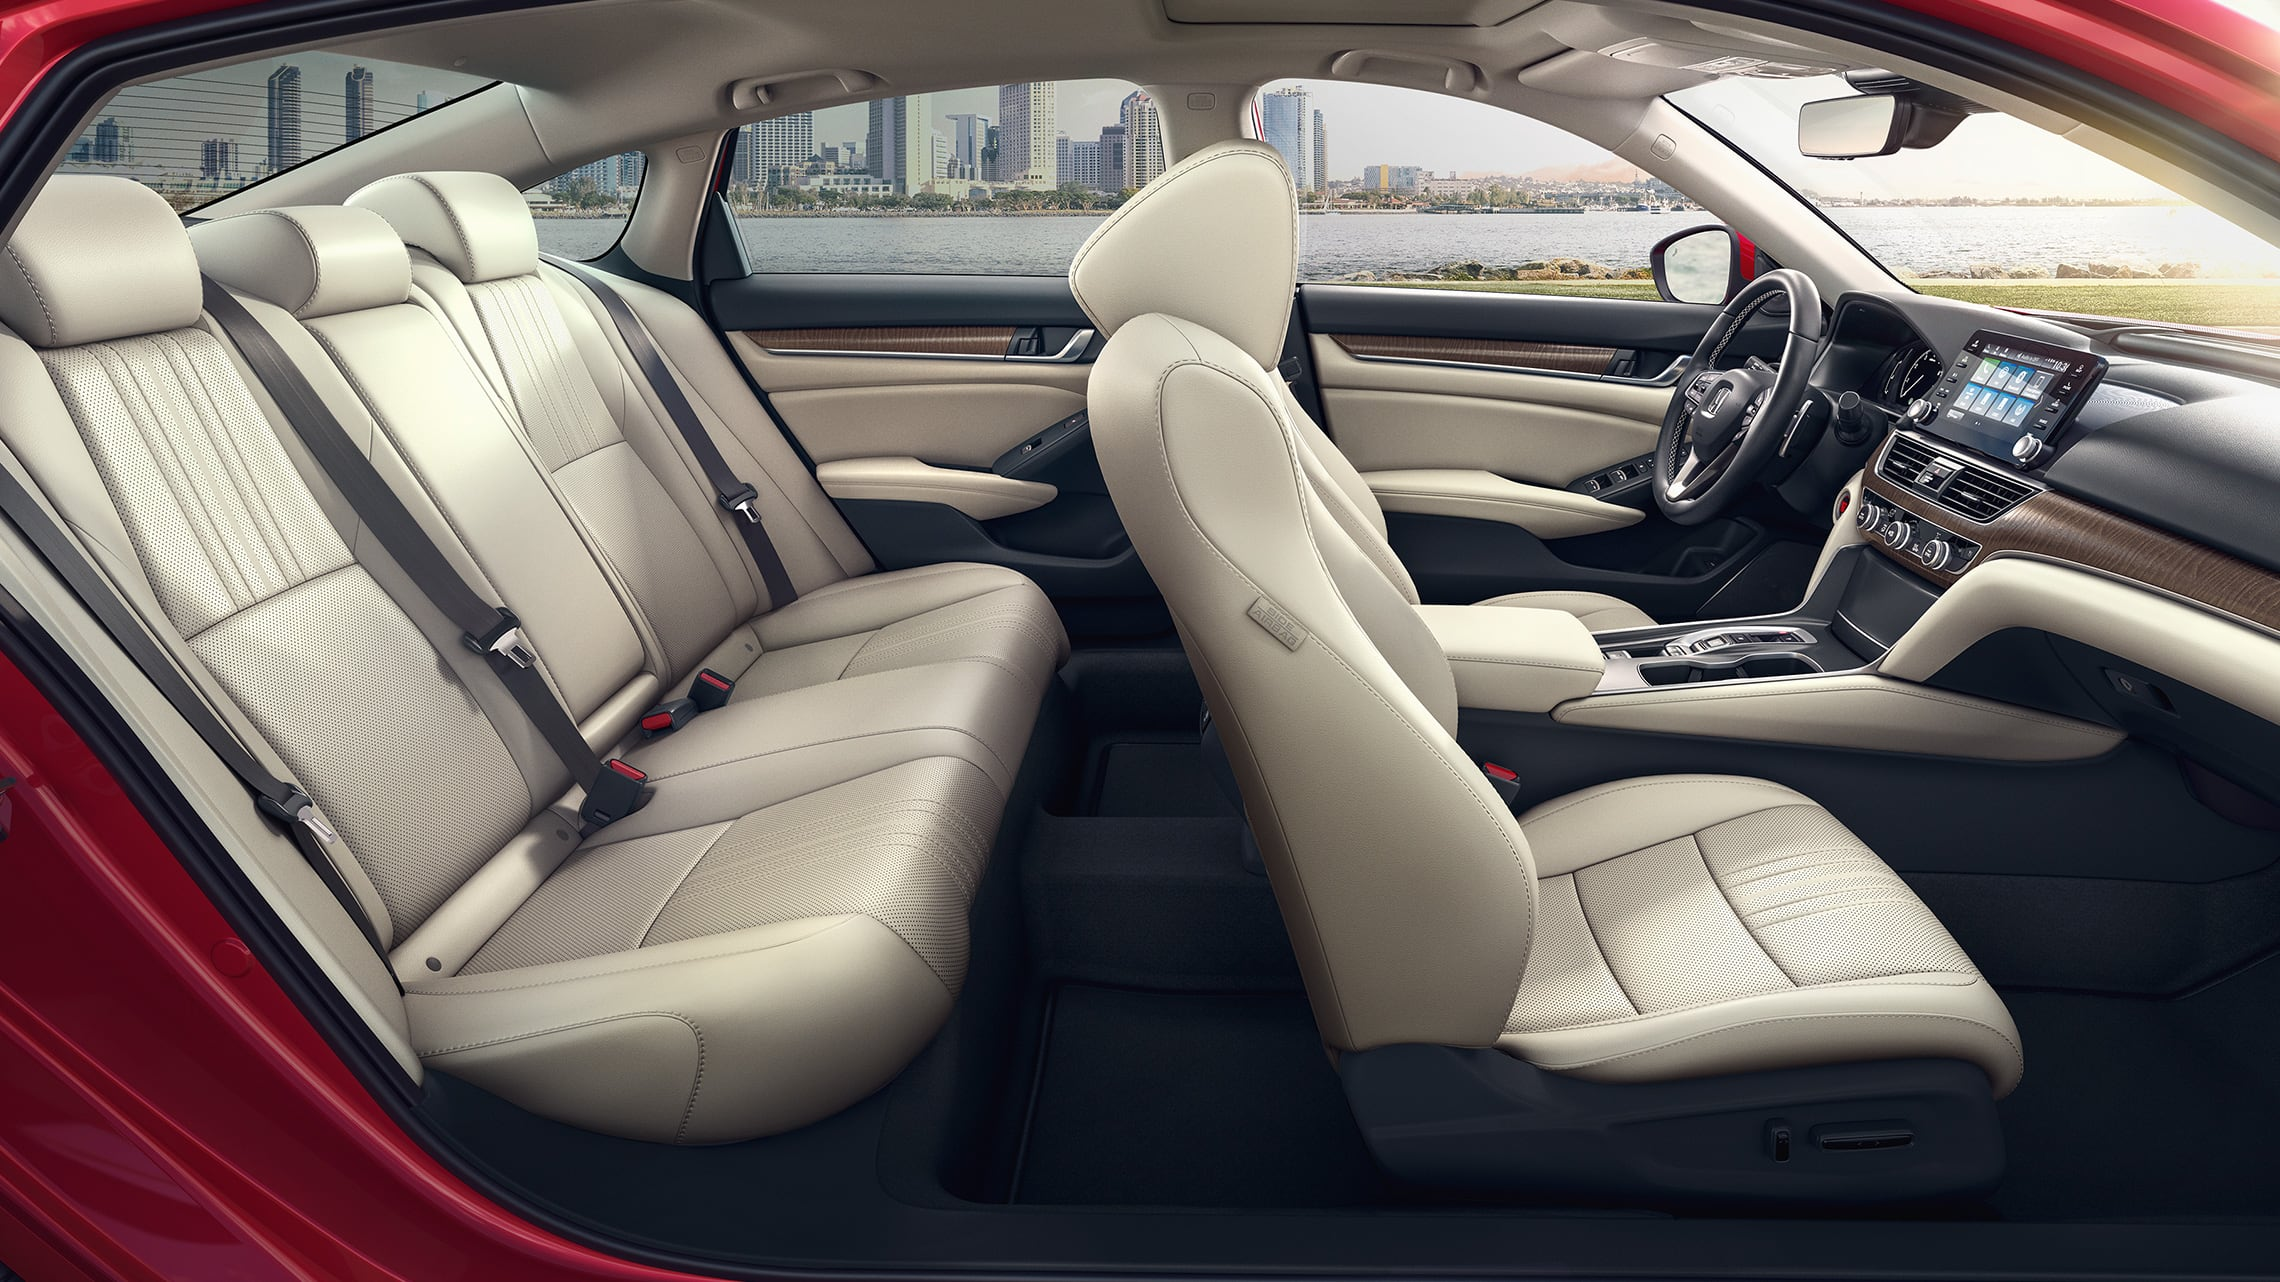 Vista desde el lado del pasajero de los asientos del interior del HondaAccordTouring2.0T2021 en Radiant Red Metallic con Ivory Leather.